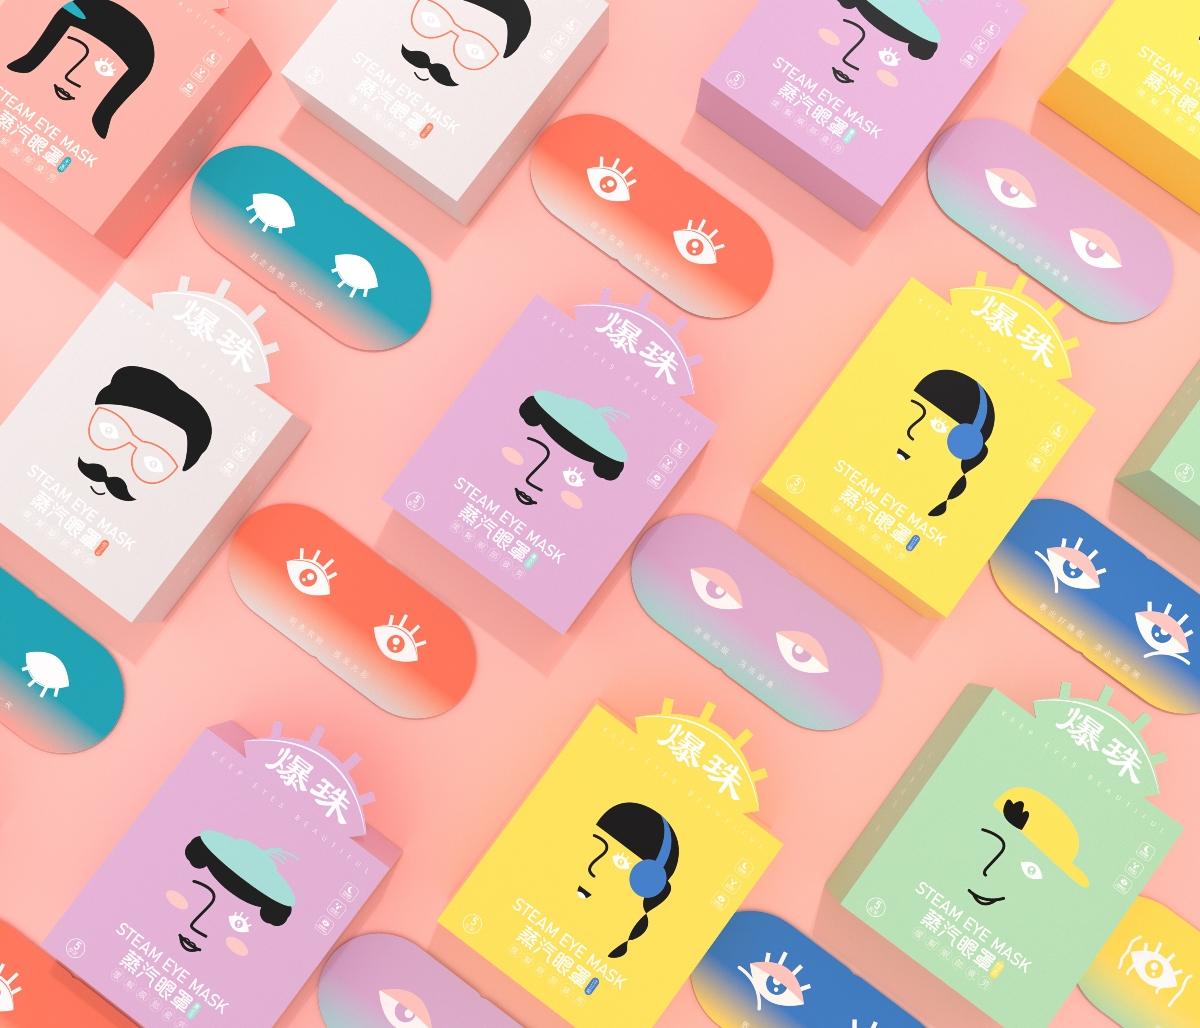 趣味自热眼罩包装盒、清新简约高端大气、蒸汽眼罩包装